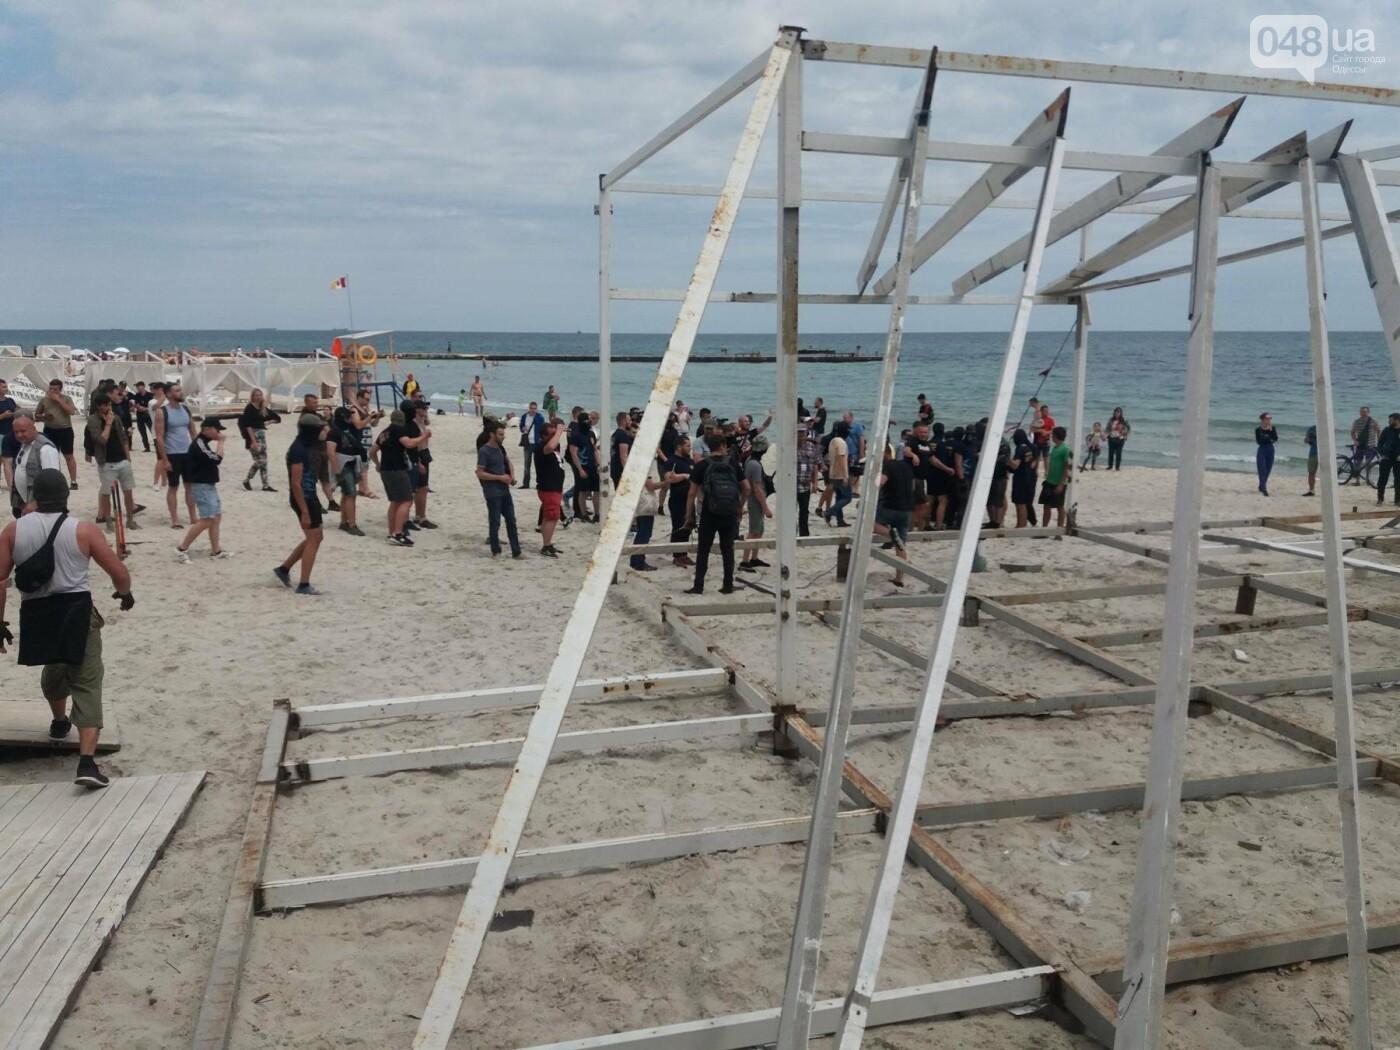 На Одесском пляже прошла акция по демонтажу незаконного сооружения, - ФОТО, ВИДЕО, фото-9